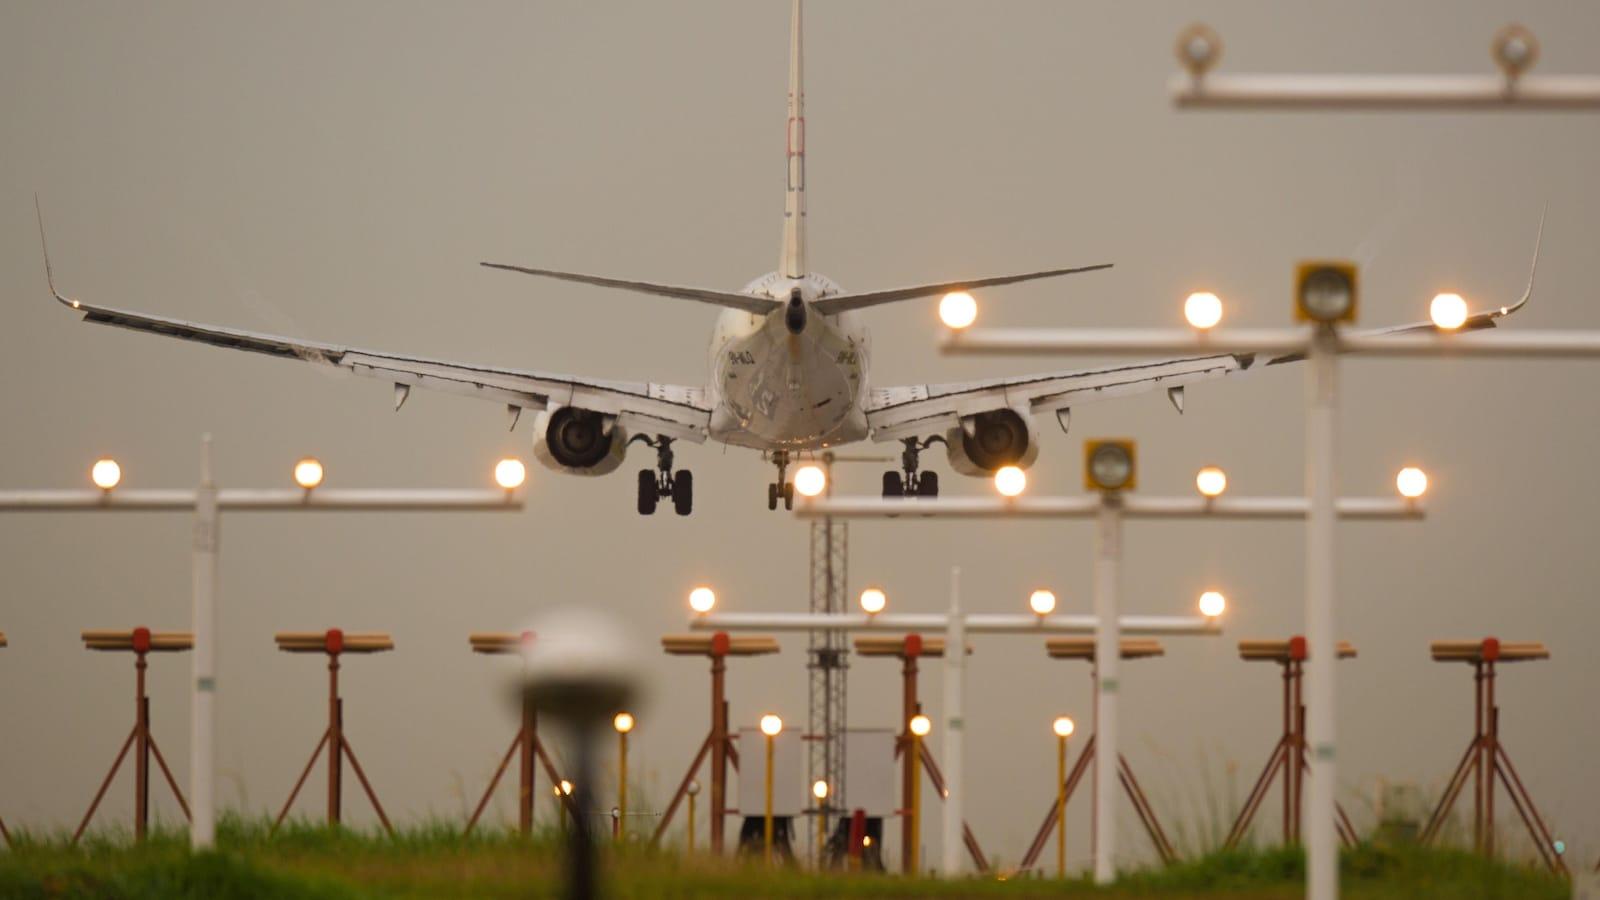 Un avion de ligne s'apprête à atterrir. Il est photographié de derrière.